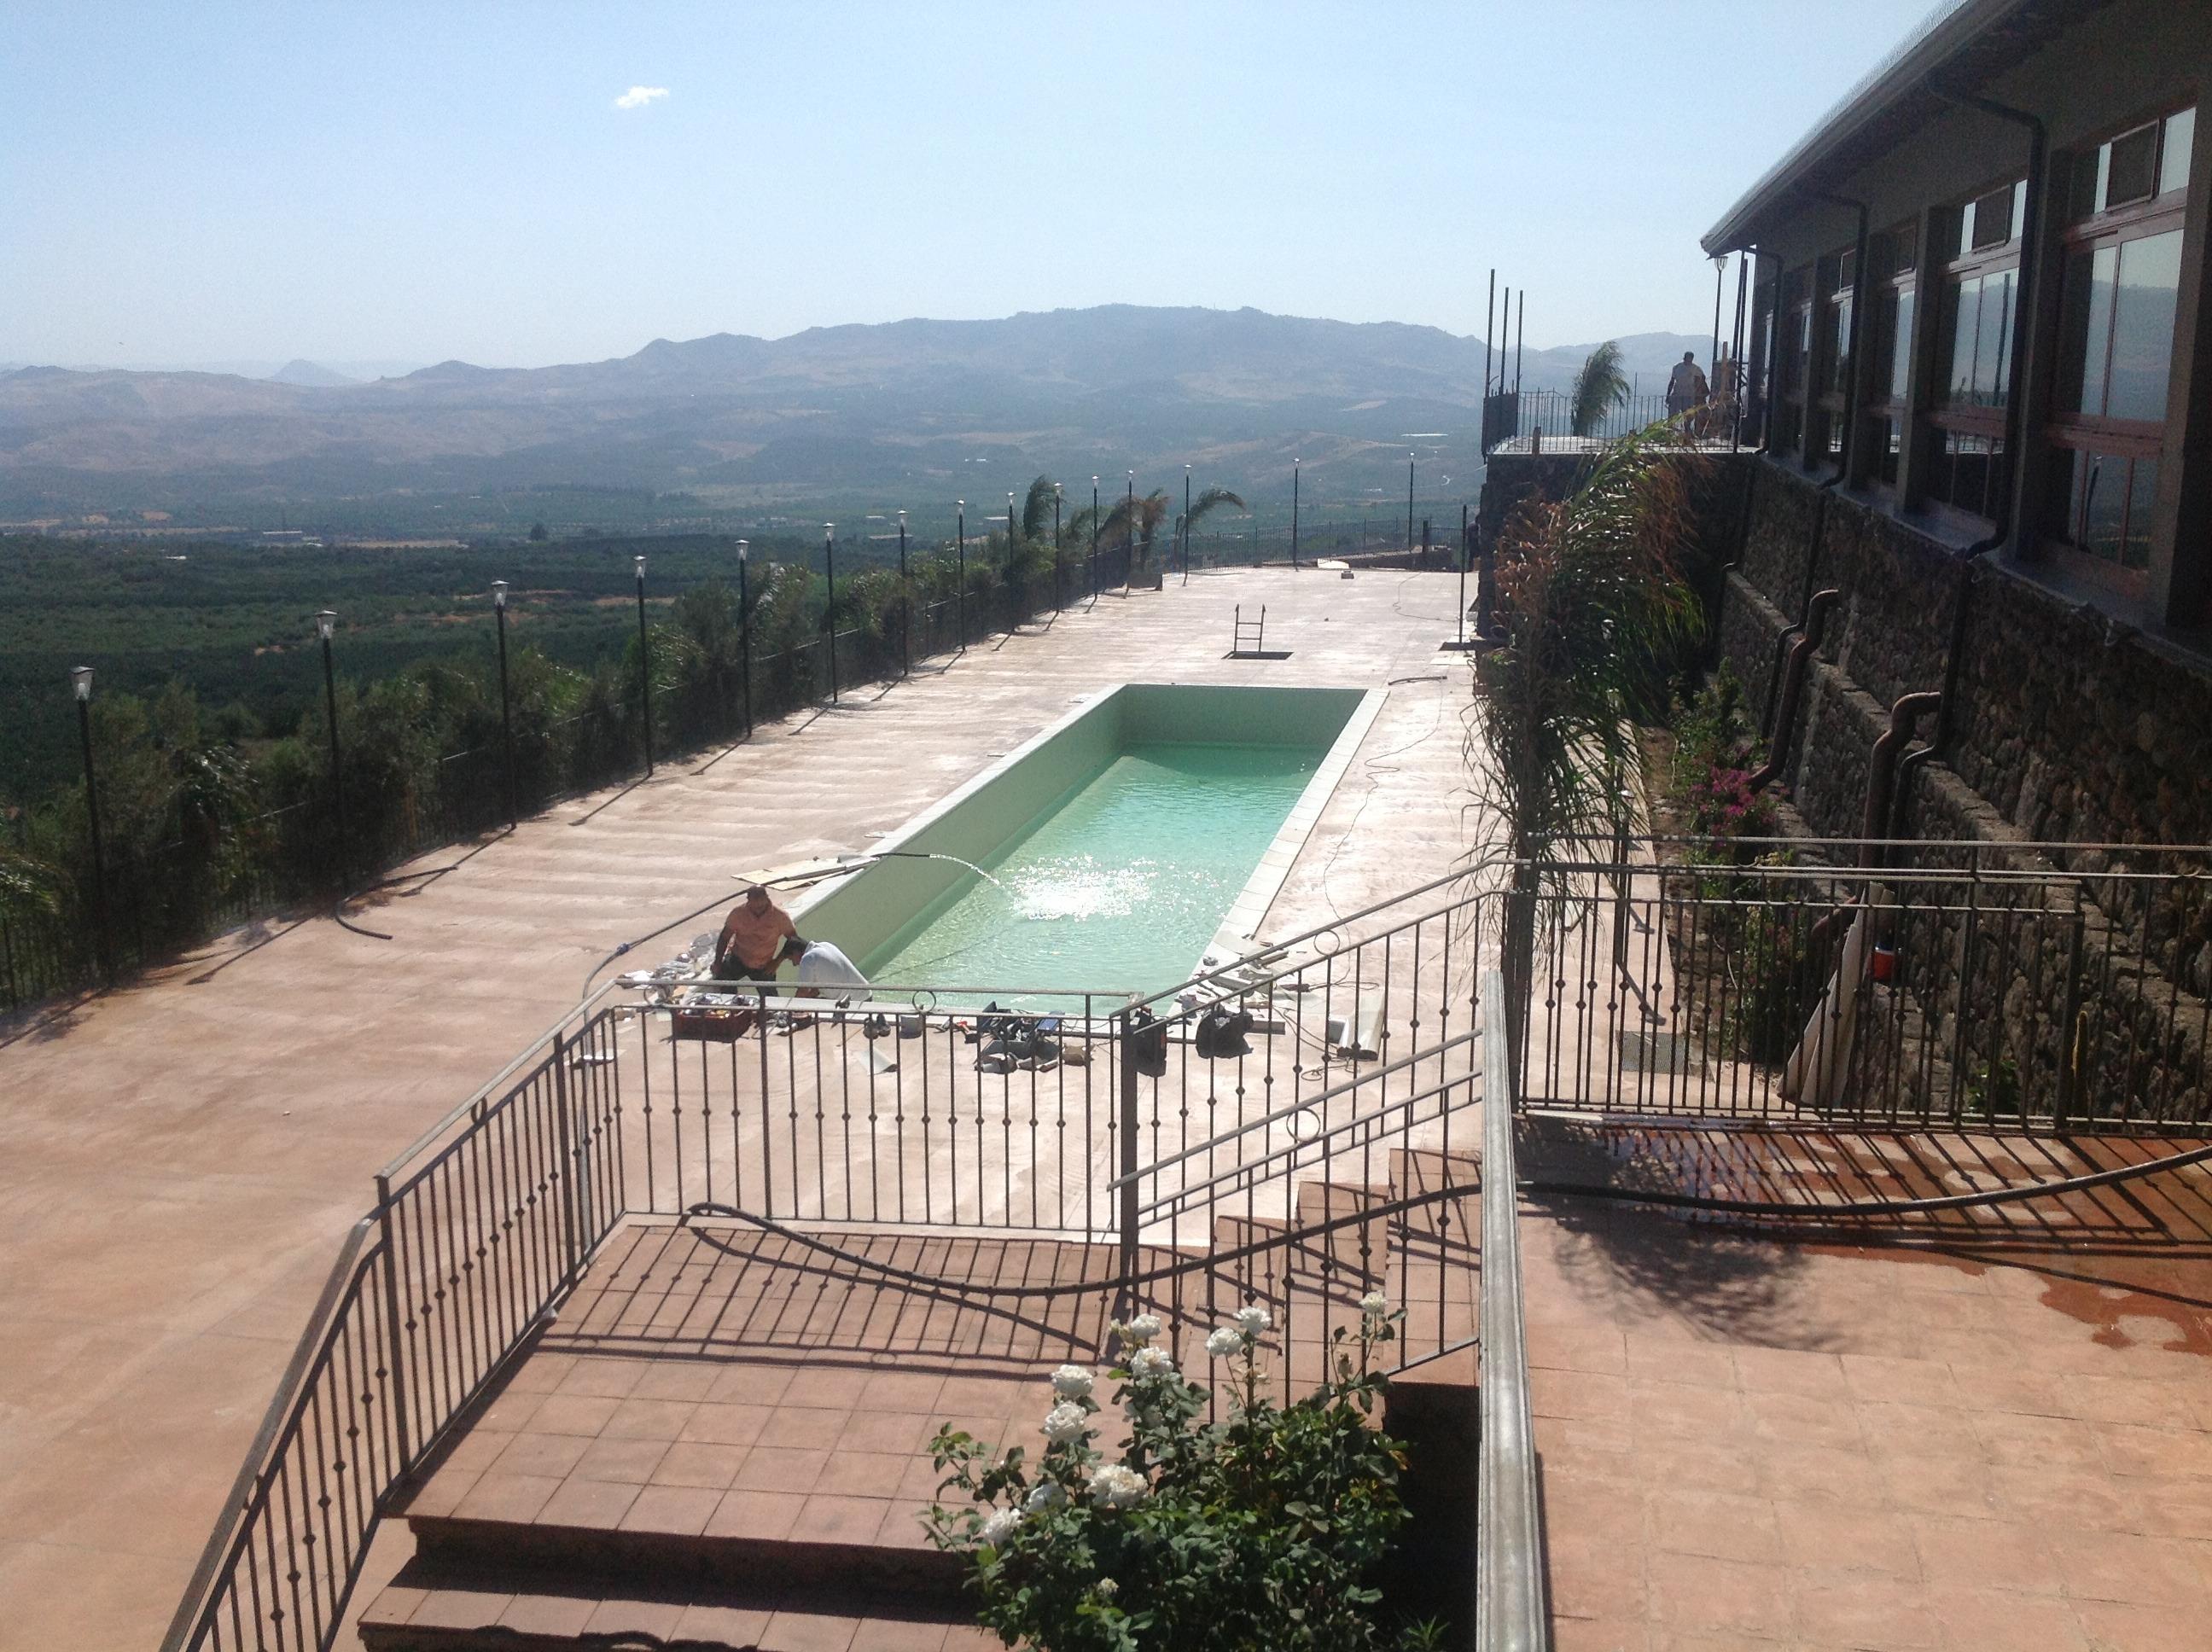 Vendita Piscine A Catania piscine prefabbricate enna - progettazione piscine